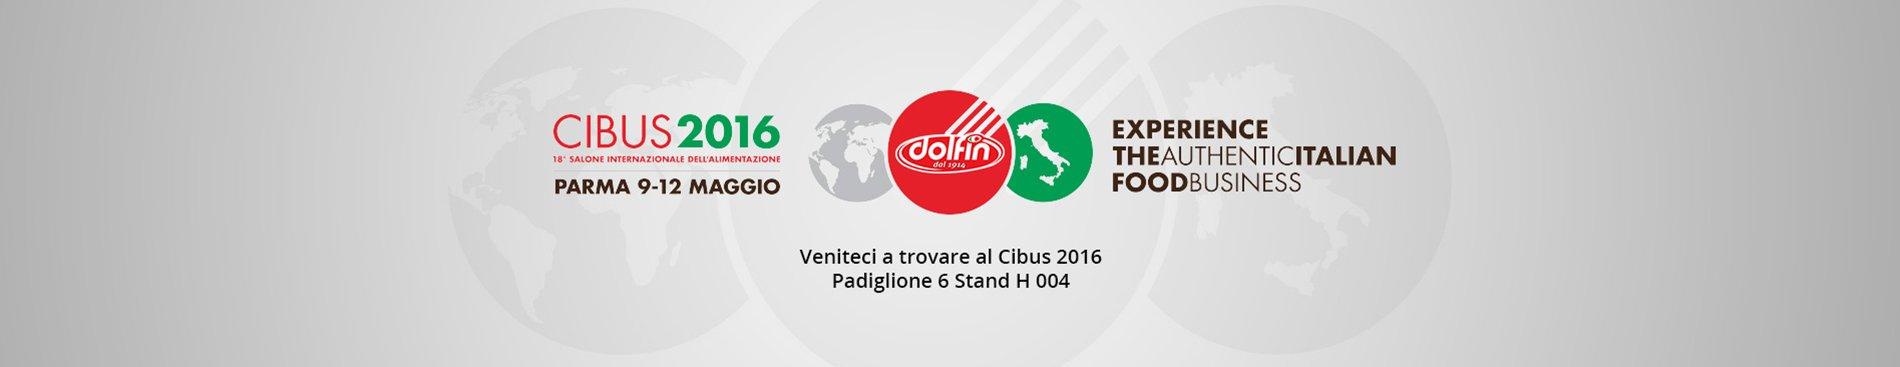 Ci vediamo a Parma per Cibus 2016!